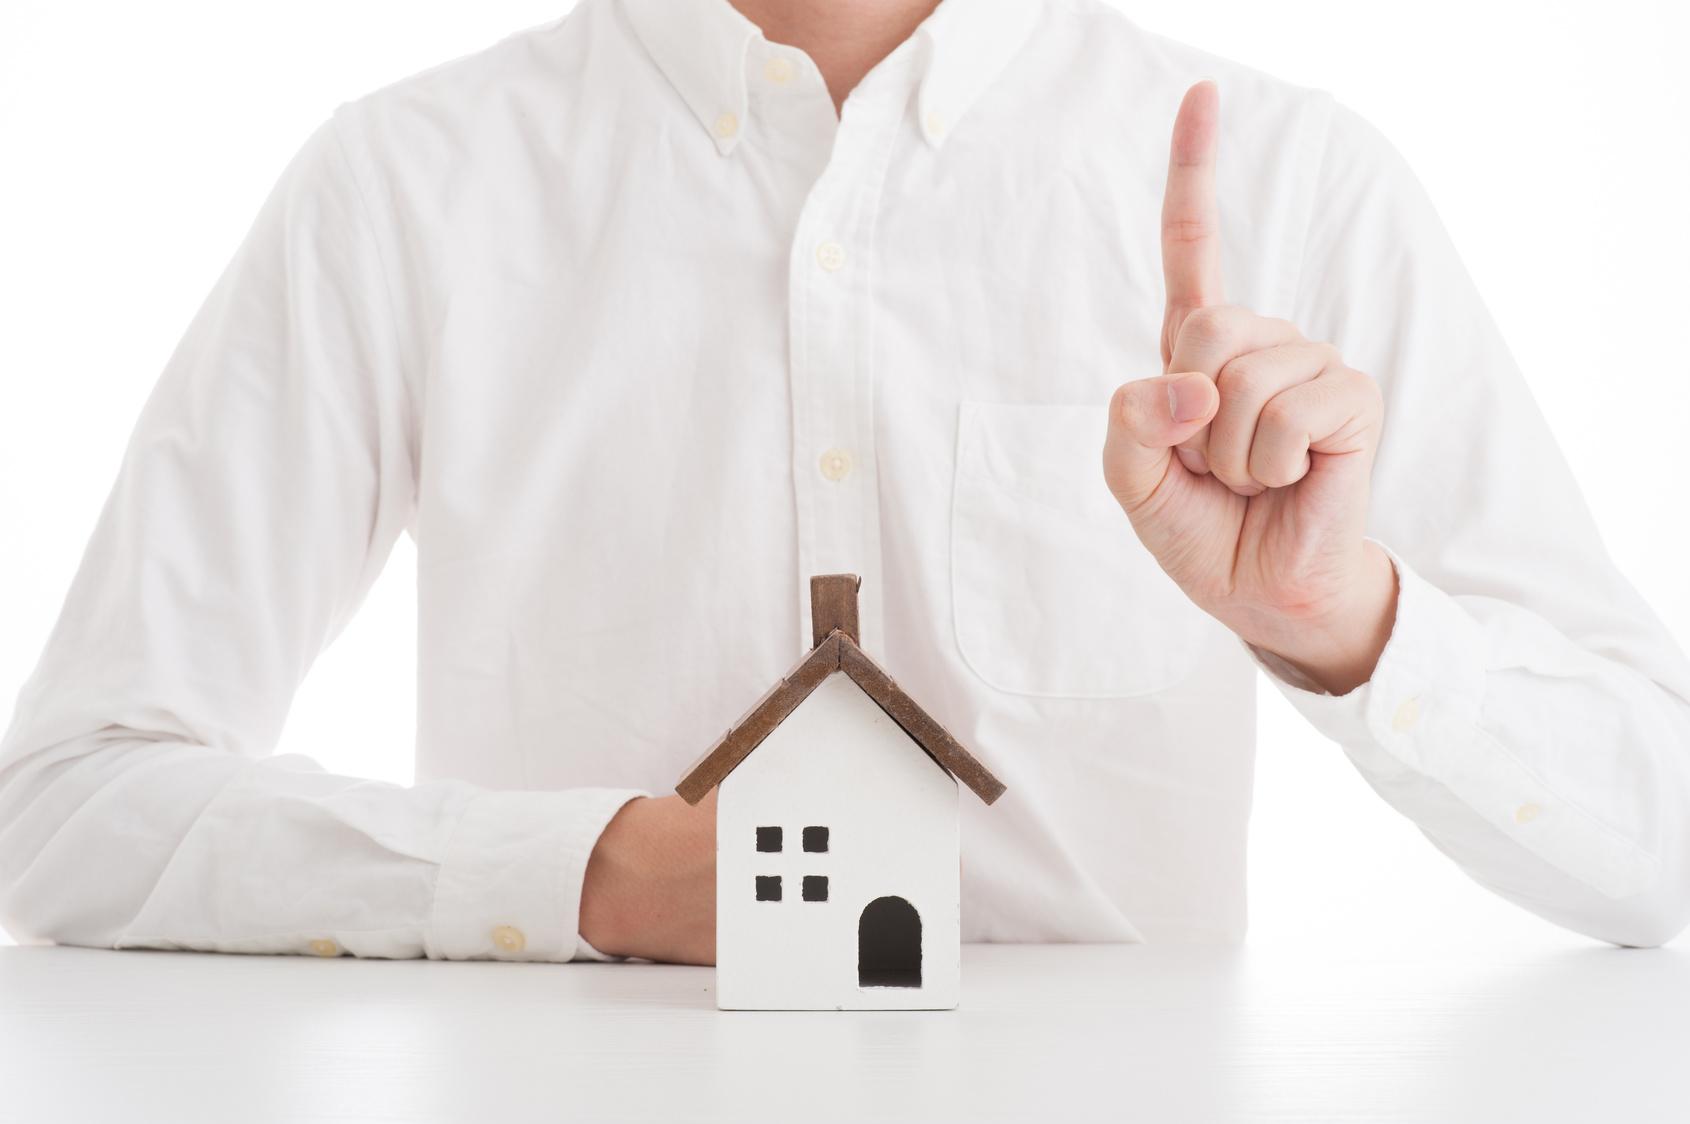 失敗しない家づくりのための5つのチェックポイント